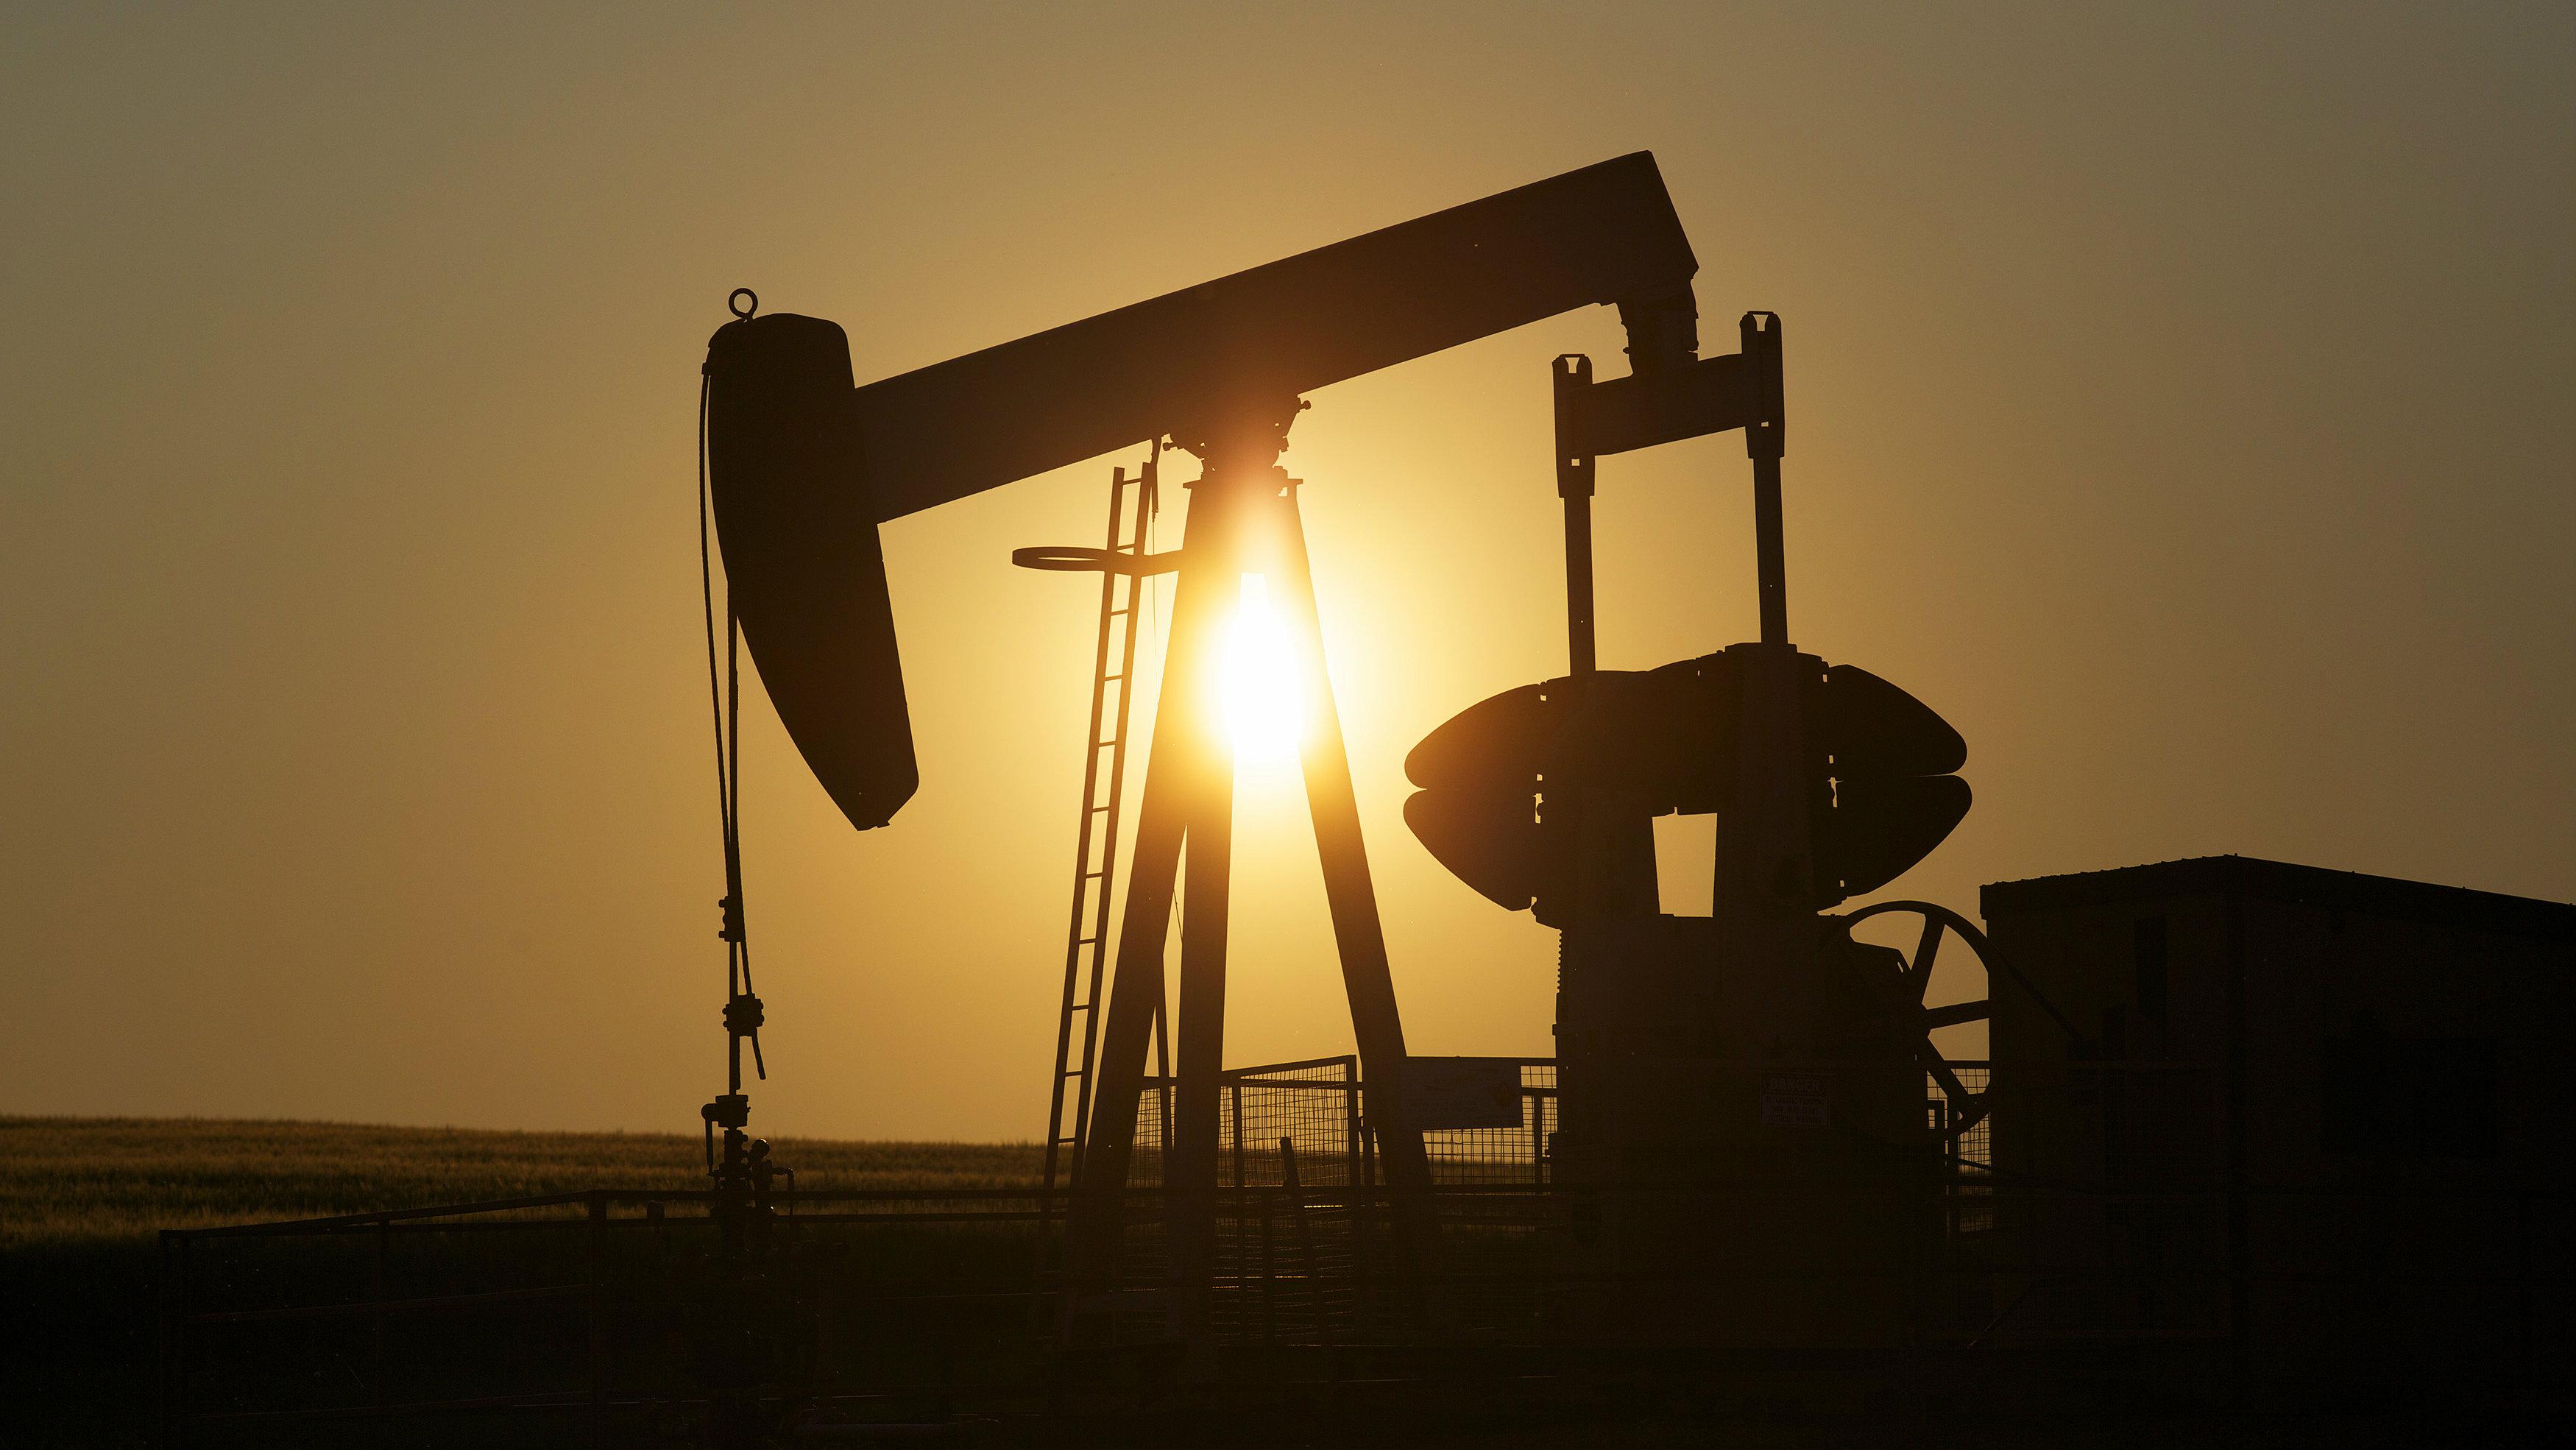 An oil pump jack pumps oil in a field near Calgary, Alberta, July 21, 2014.